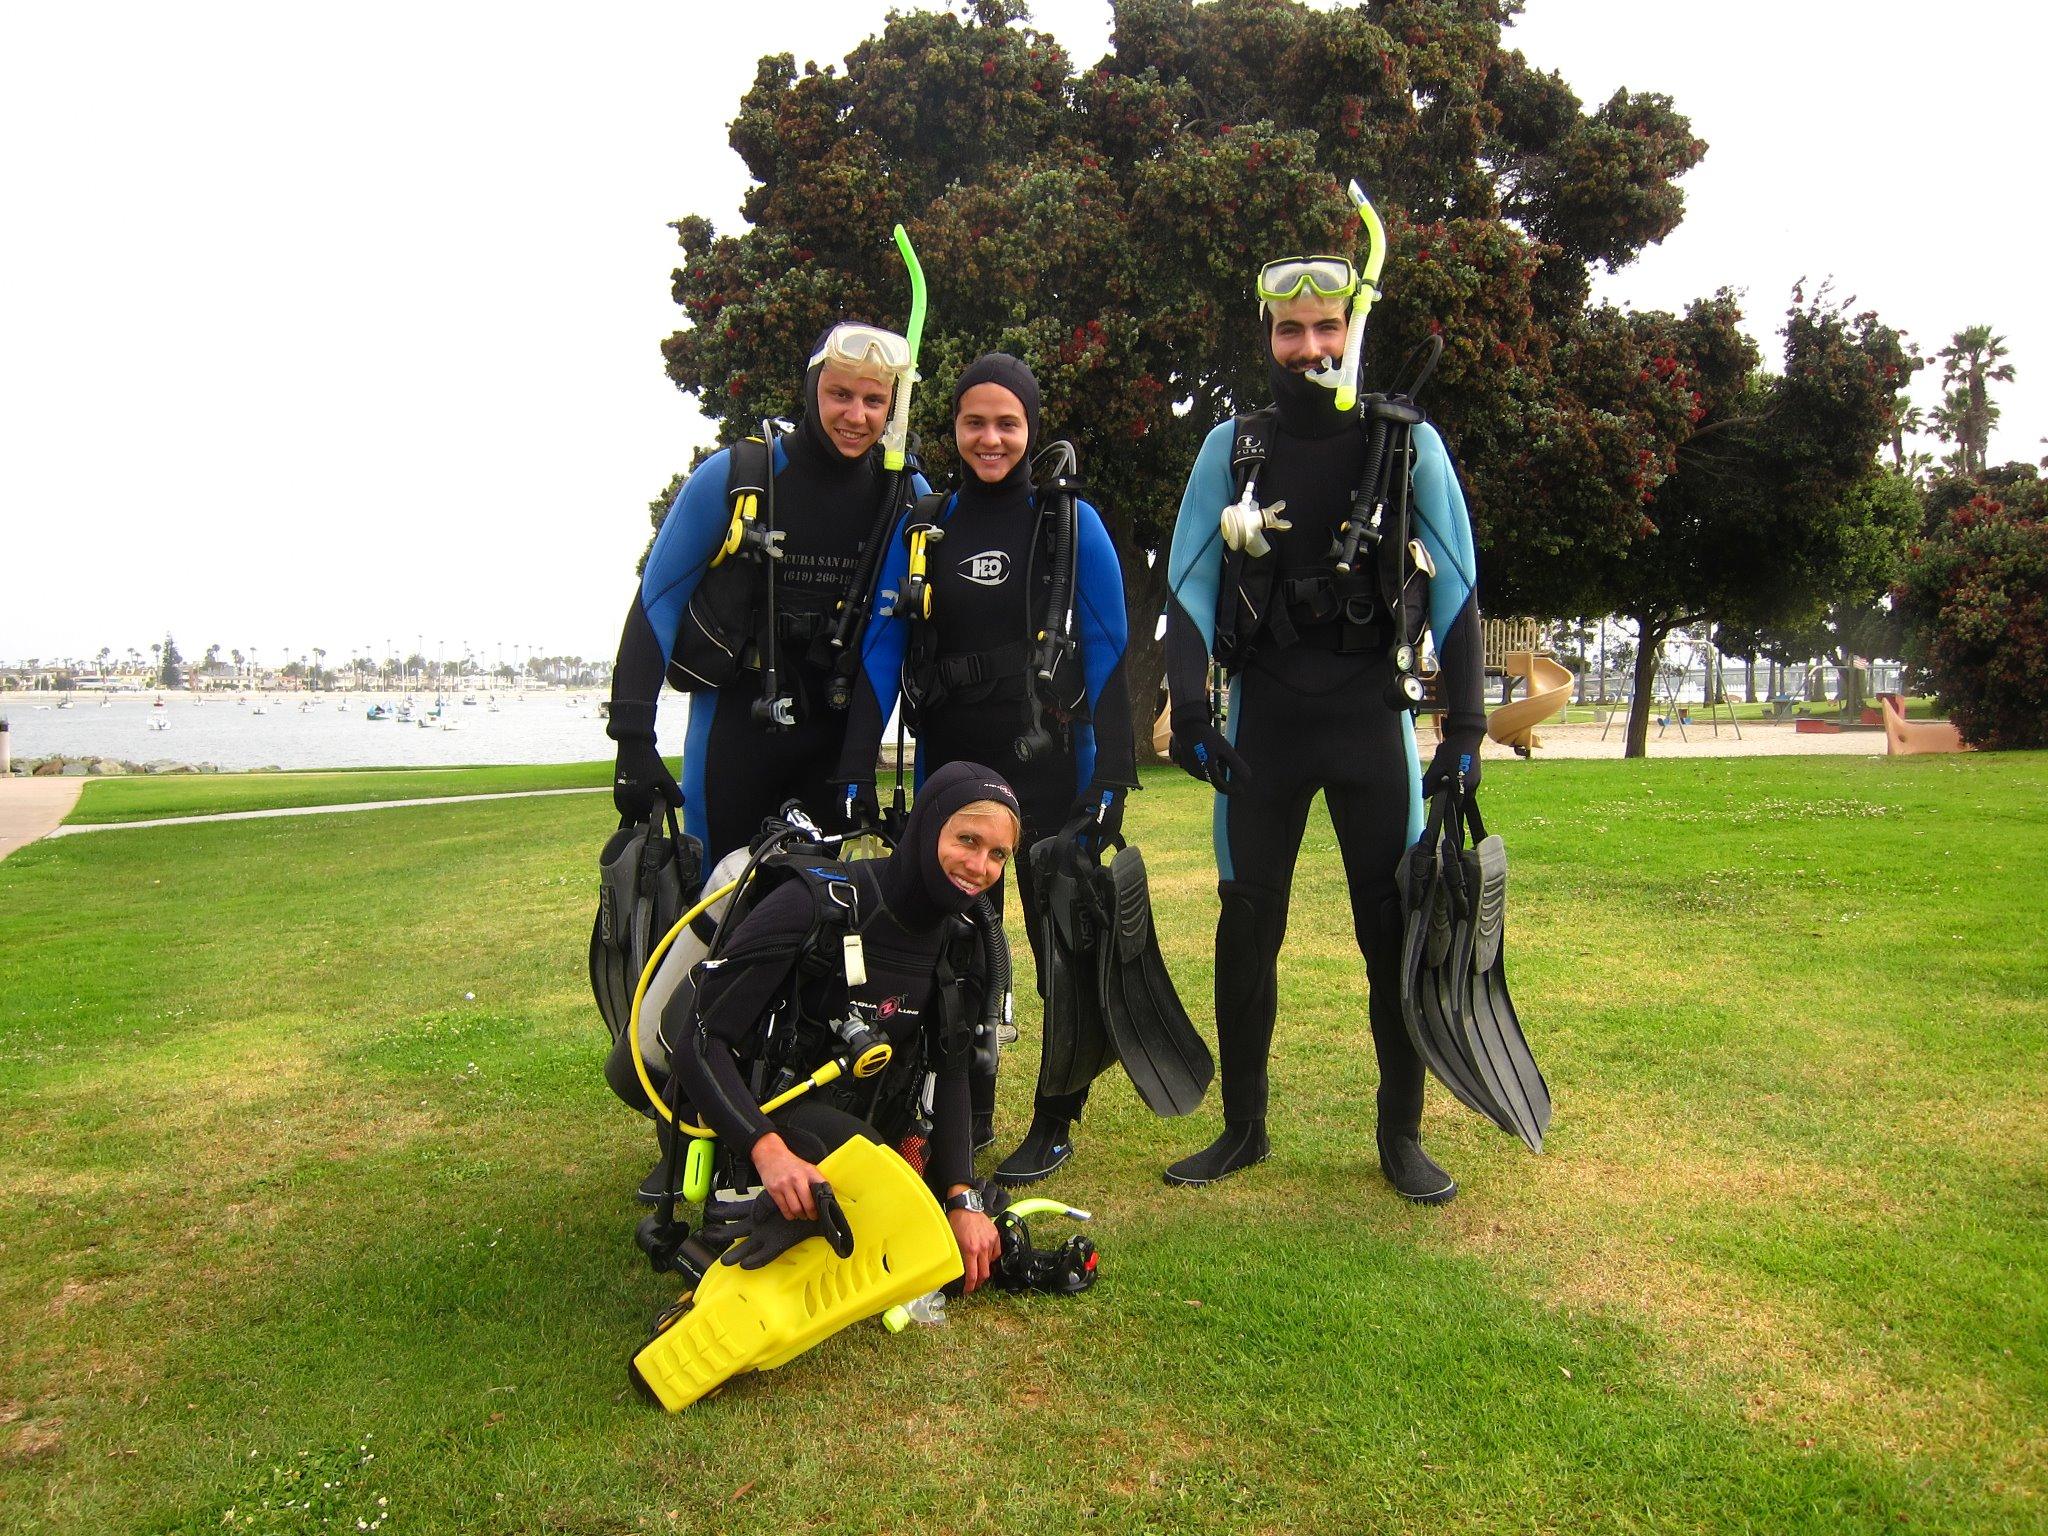 Scuba Adventure For Non-Divers: